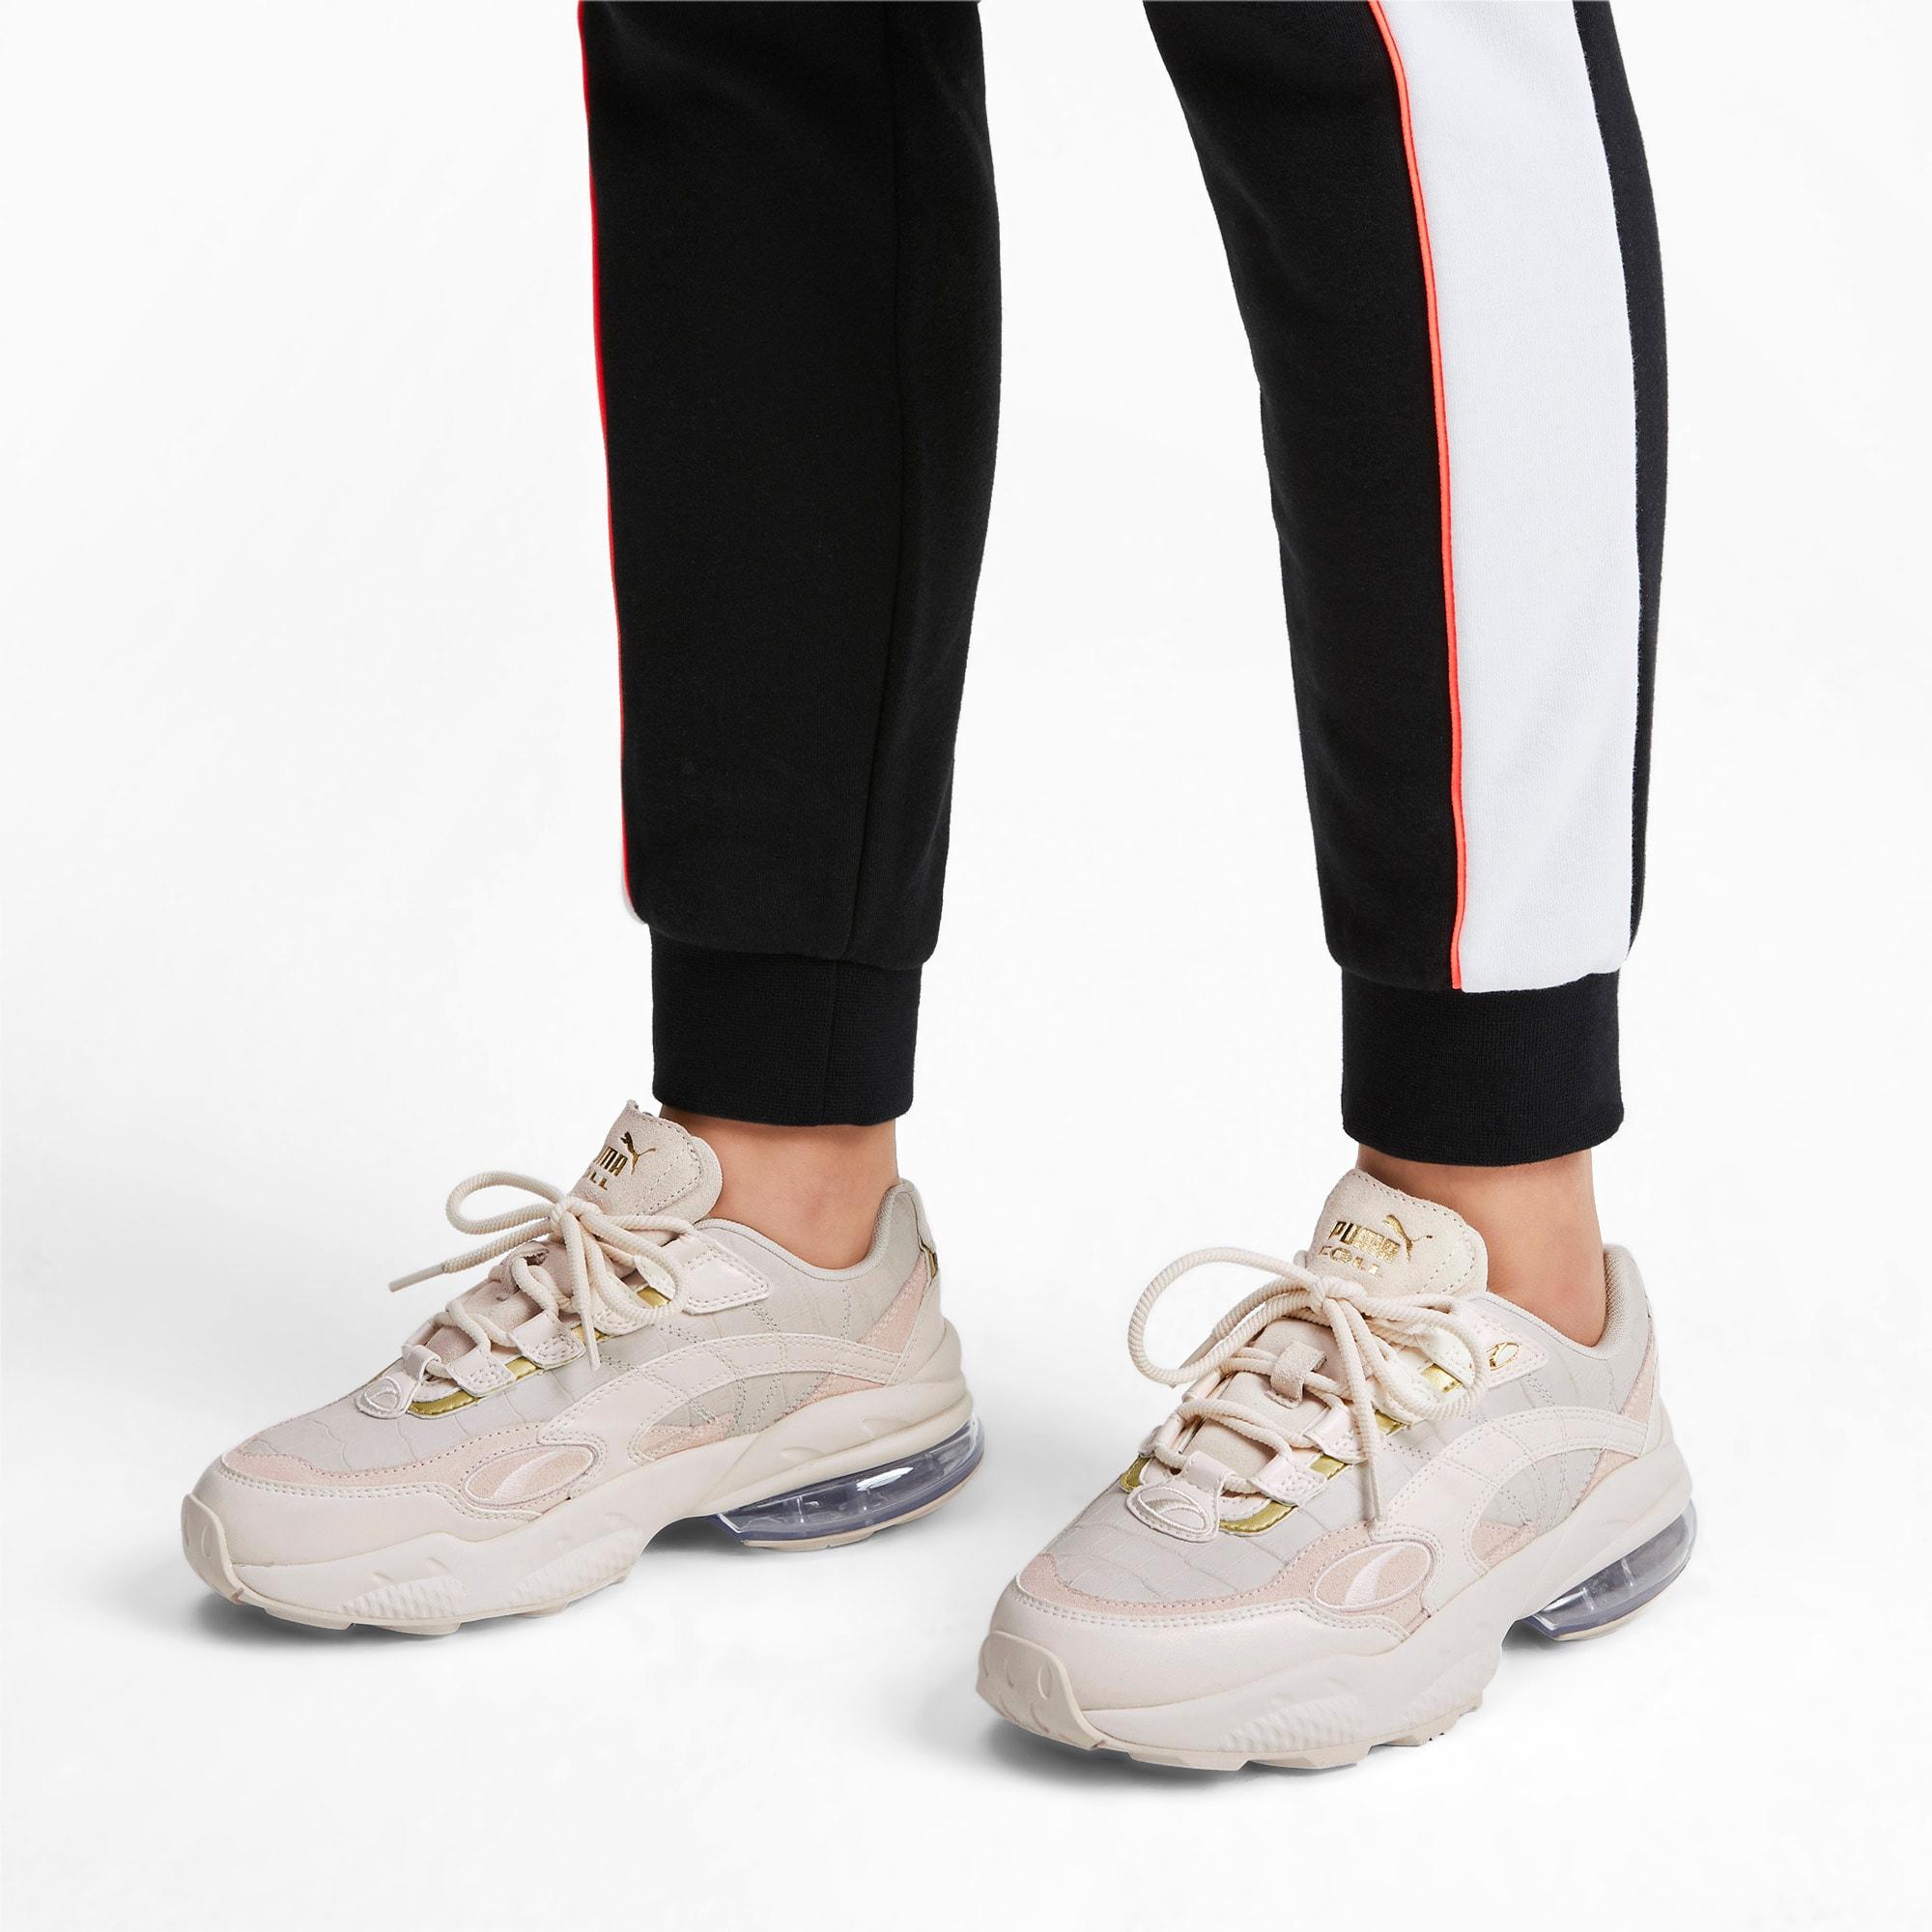 Damskie buty sportowe Cell Venom Hypertech